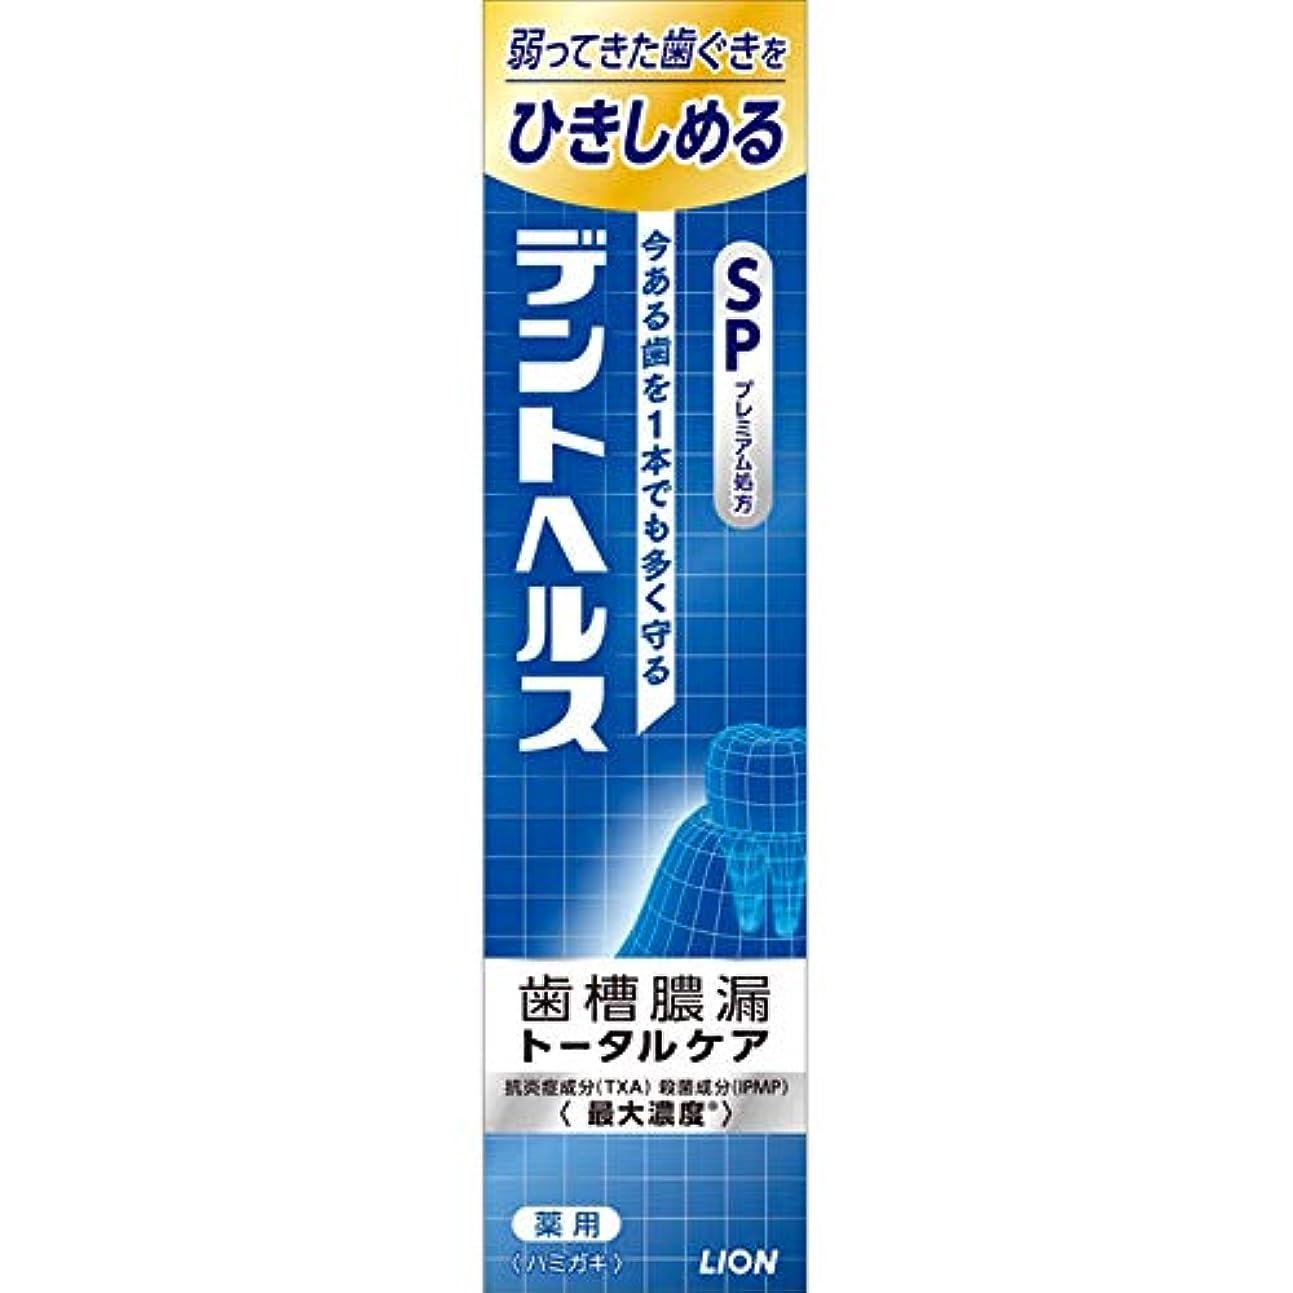 パドル無し拍手ライオン デントヘルス 薬用ハミガキ SP 120g (医薬部外品)